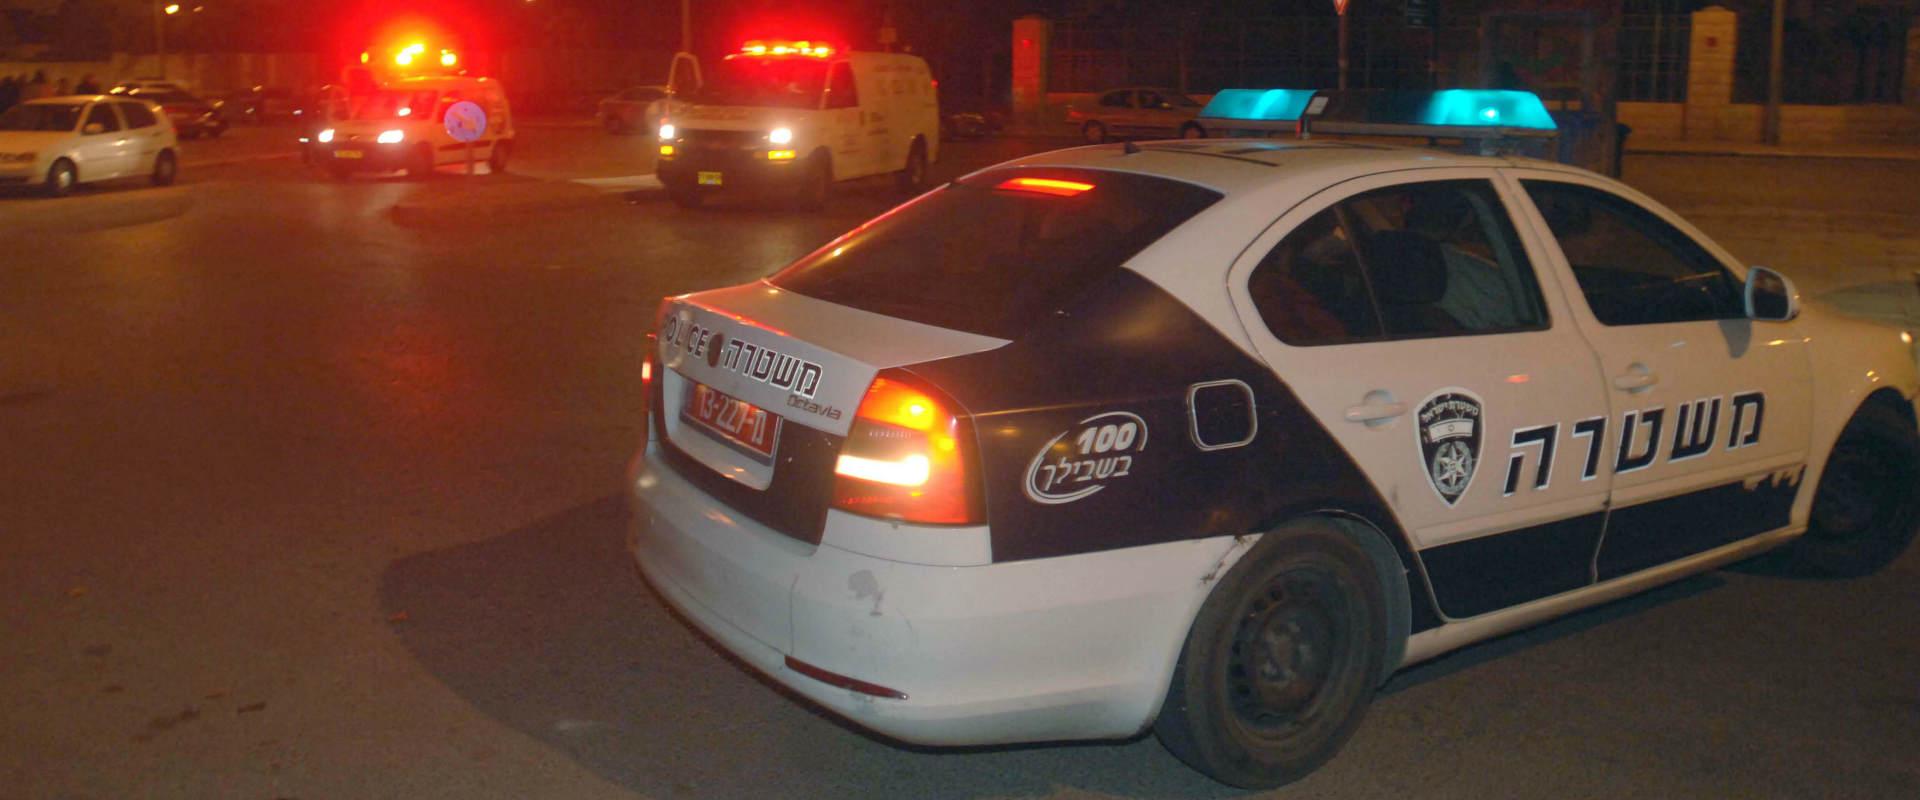 ניידת משטרה בזירת אירוע פלילי